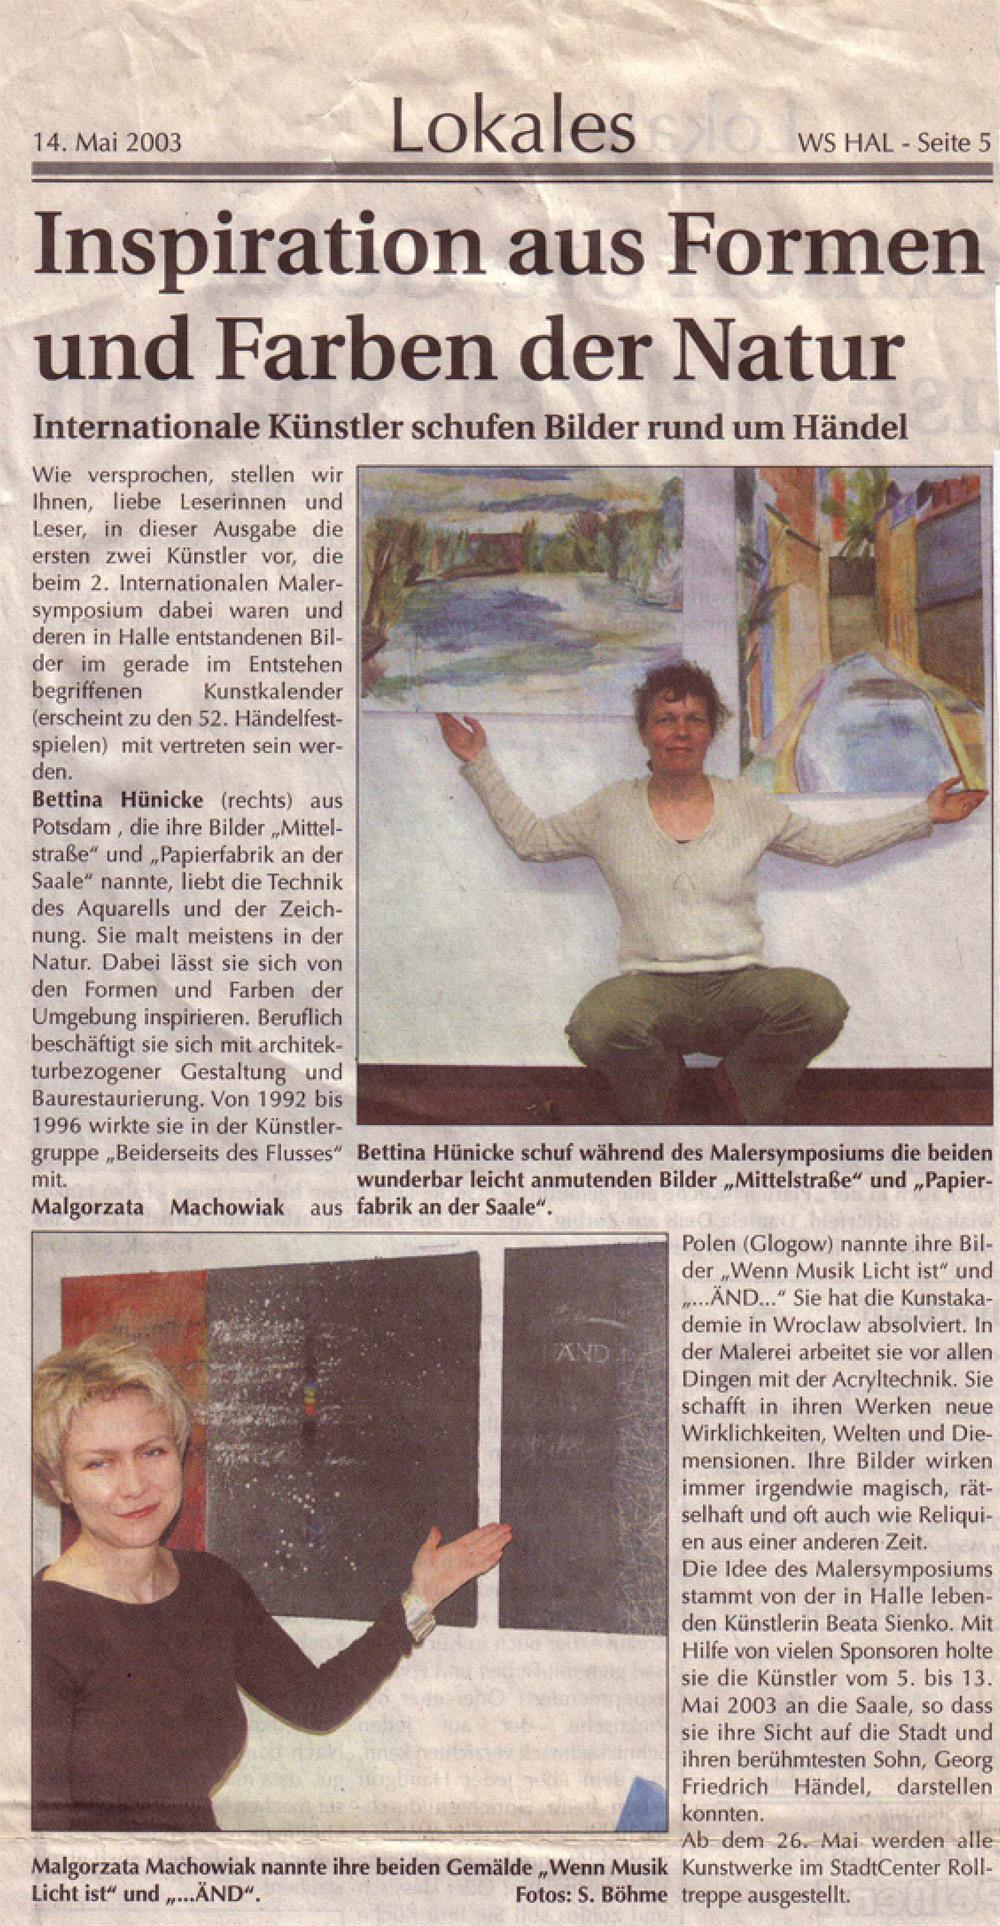 Mai 2003: Inspiration aus Formen und Farben der Natur WS HAL